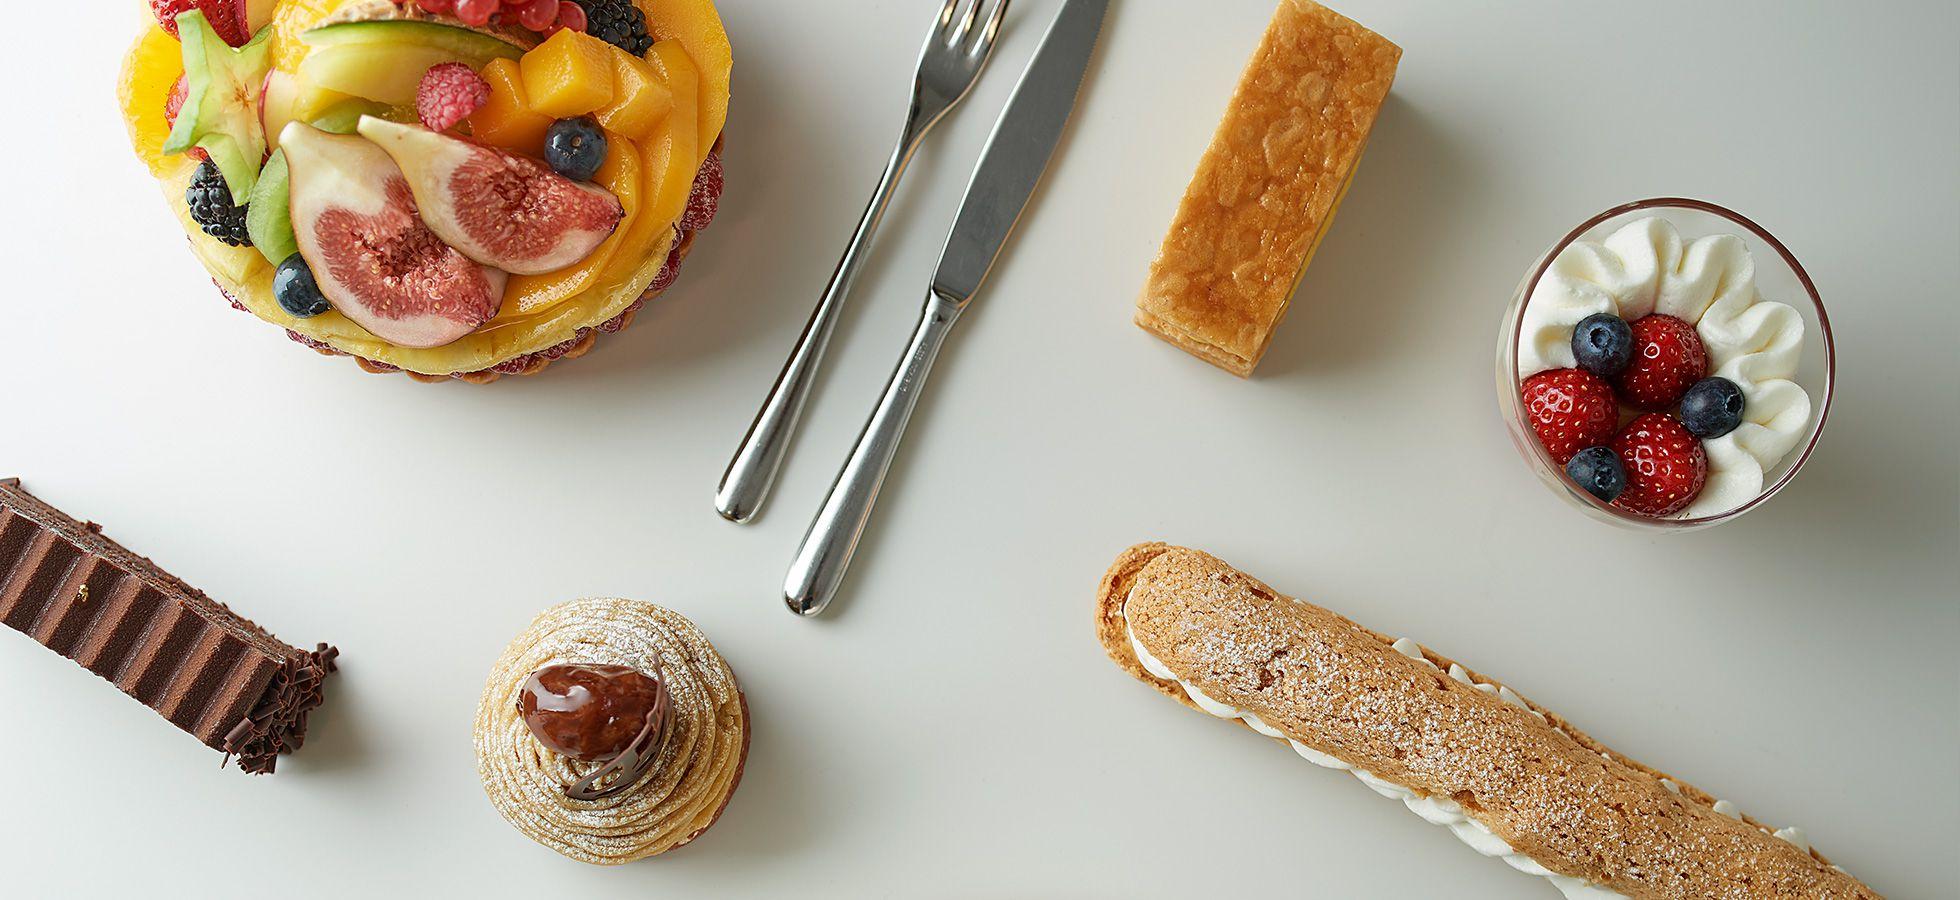 ケーキ・スイーツ、焼き立てパン「フィオレンティーナ ペストリーブティック」